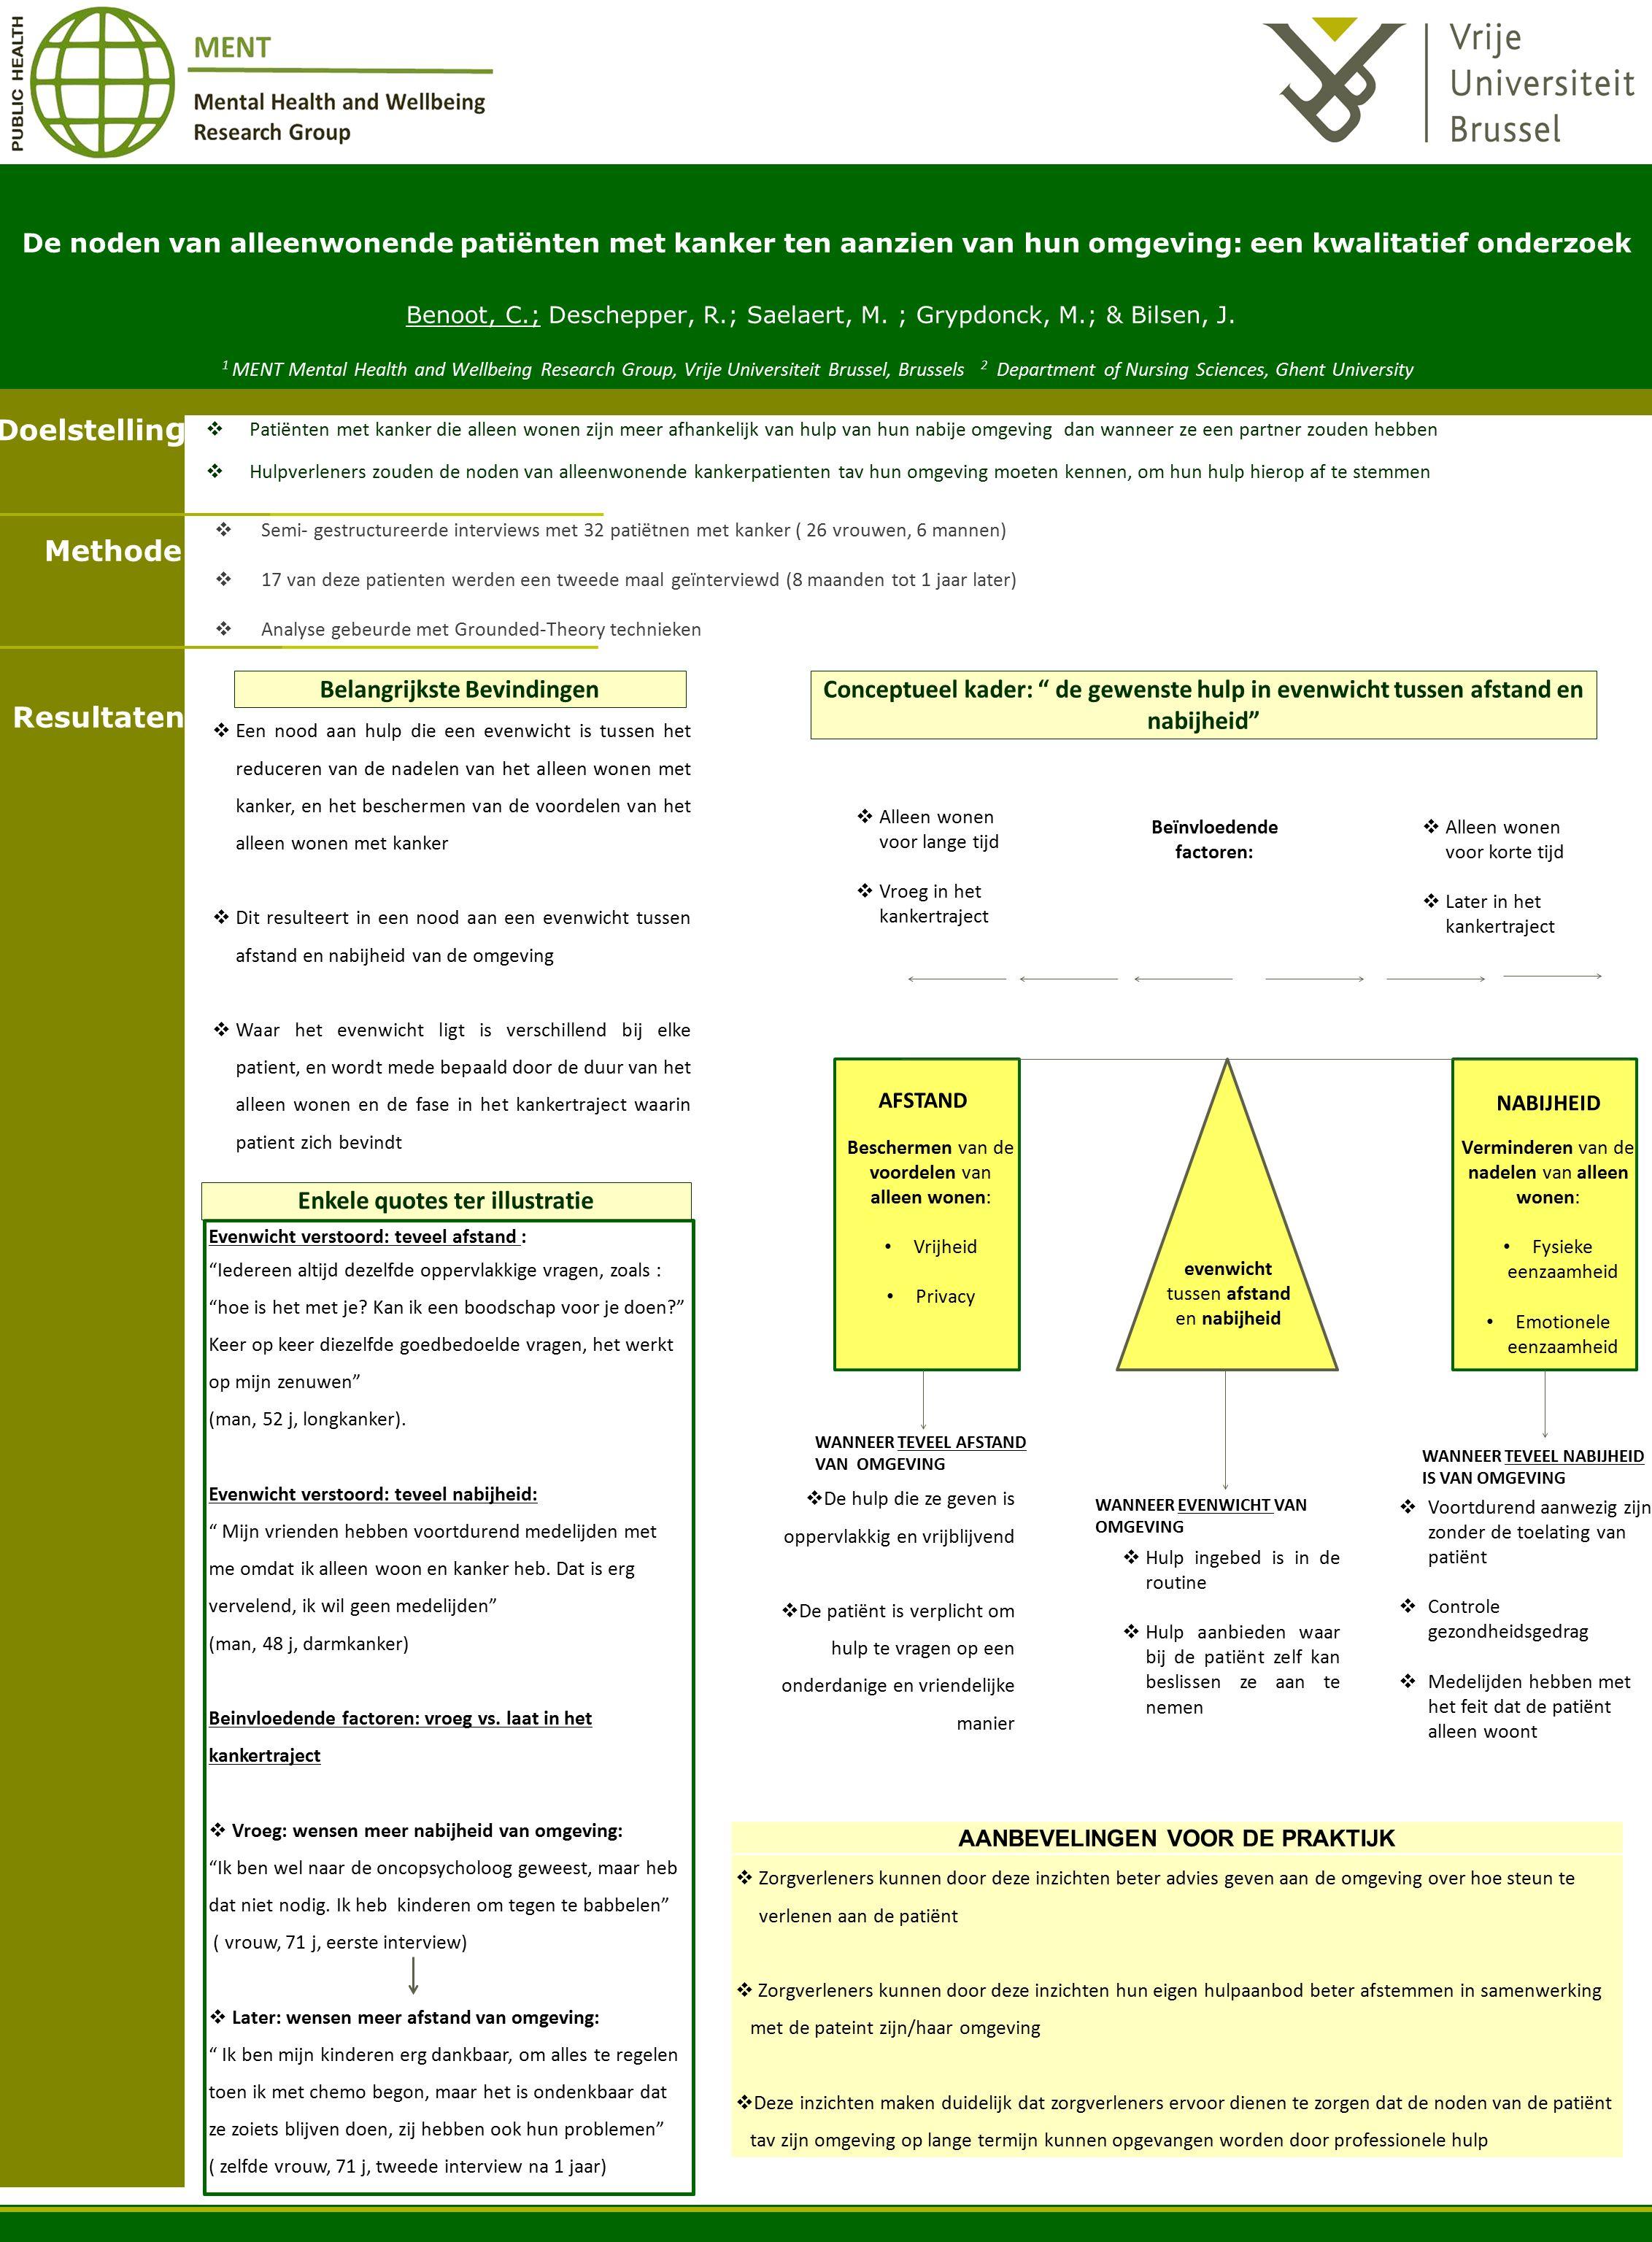 De noden van alleenwonende patiënten met kanker ten aanzien van hun omgeving: een kwalitatief onderzoek Benoot, C.; Deschepper, R.; Saelaert, M.